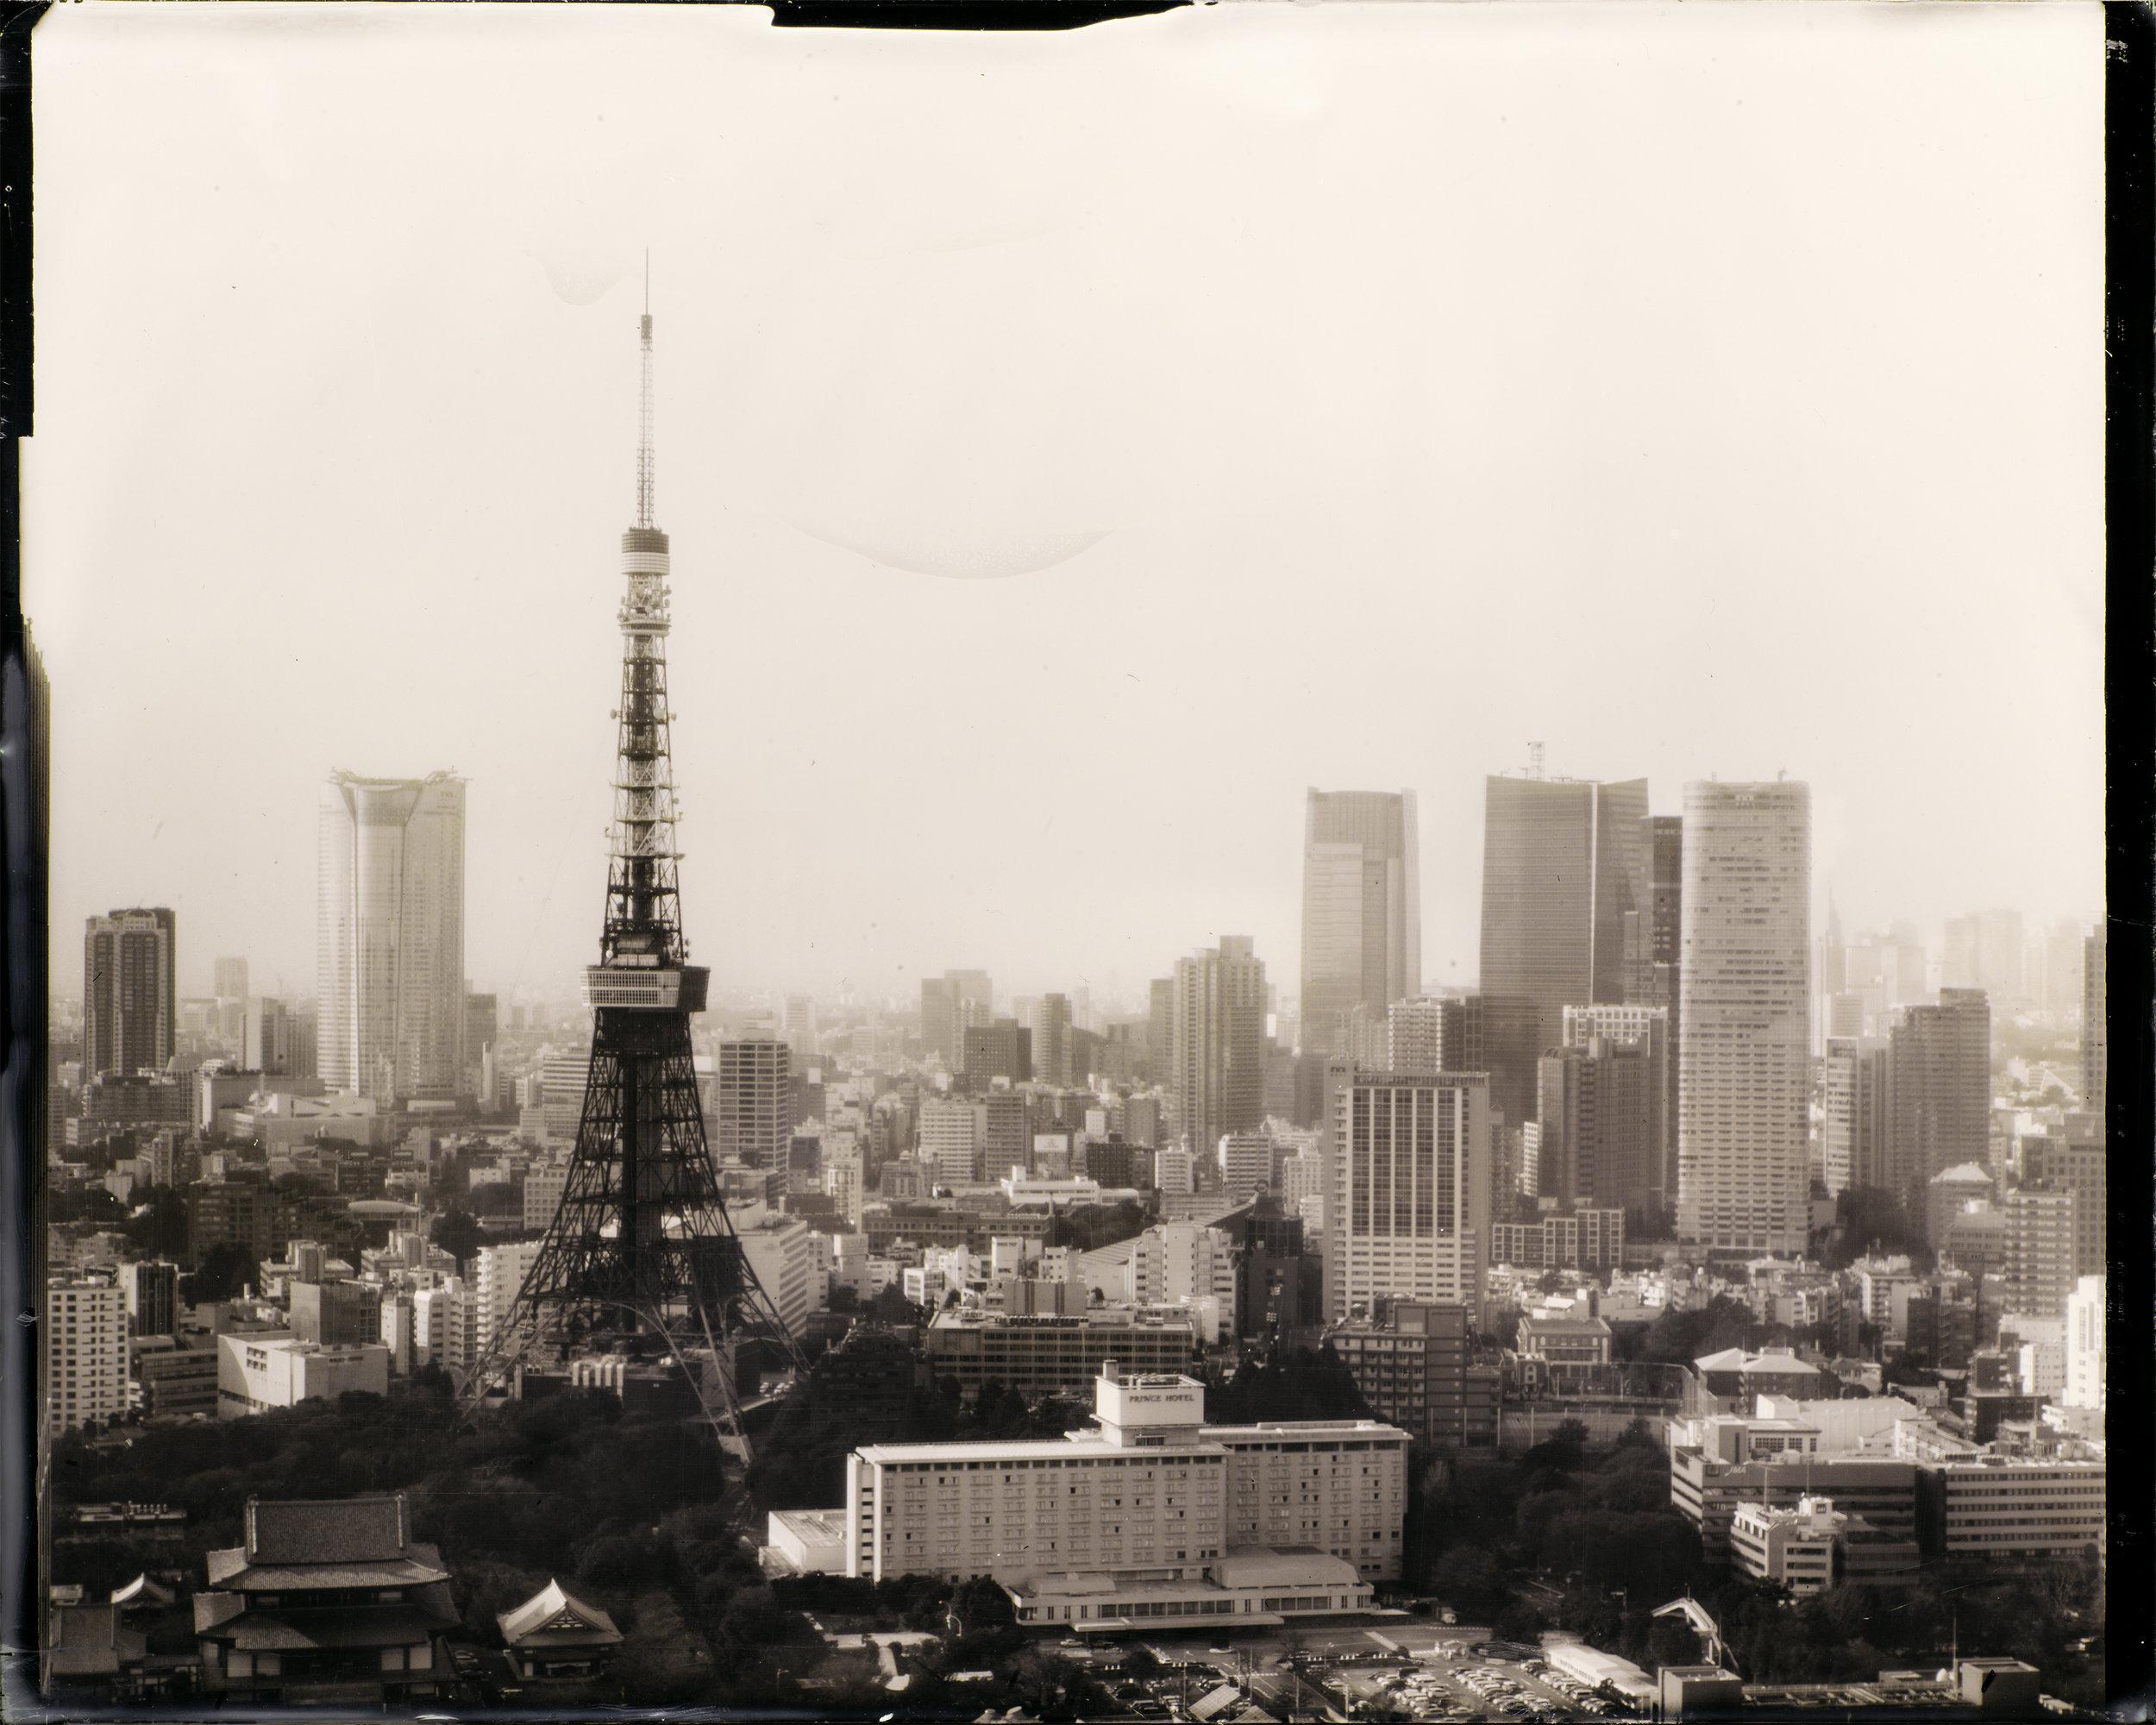 Dry Plate Collodion(乾板写真)_JAPAN   湿板写真のプロセスを応用し 自作した乾板 で 日本 を各地を撮影中。乾板写真技法が写し出す〈現代〉の姿には、どこか時間を超越した不思議な感覚があります。〈過去〉〈現代〉の両方を想起させる不思議な感覚だ。しかしそれは、〈過... つづきをみる